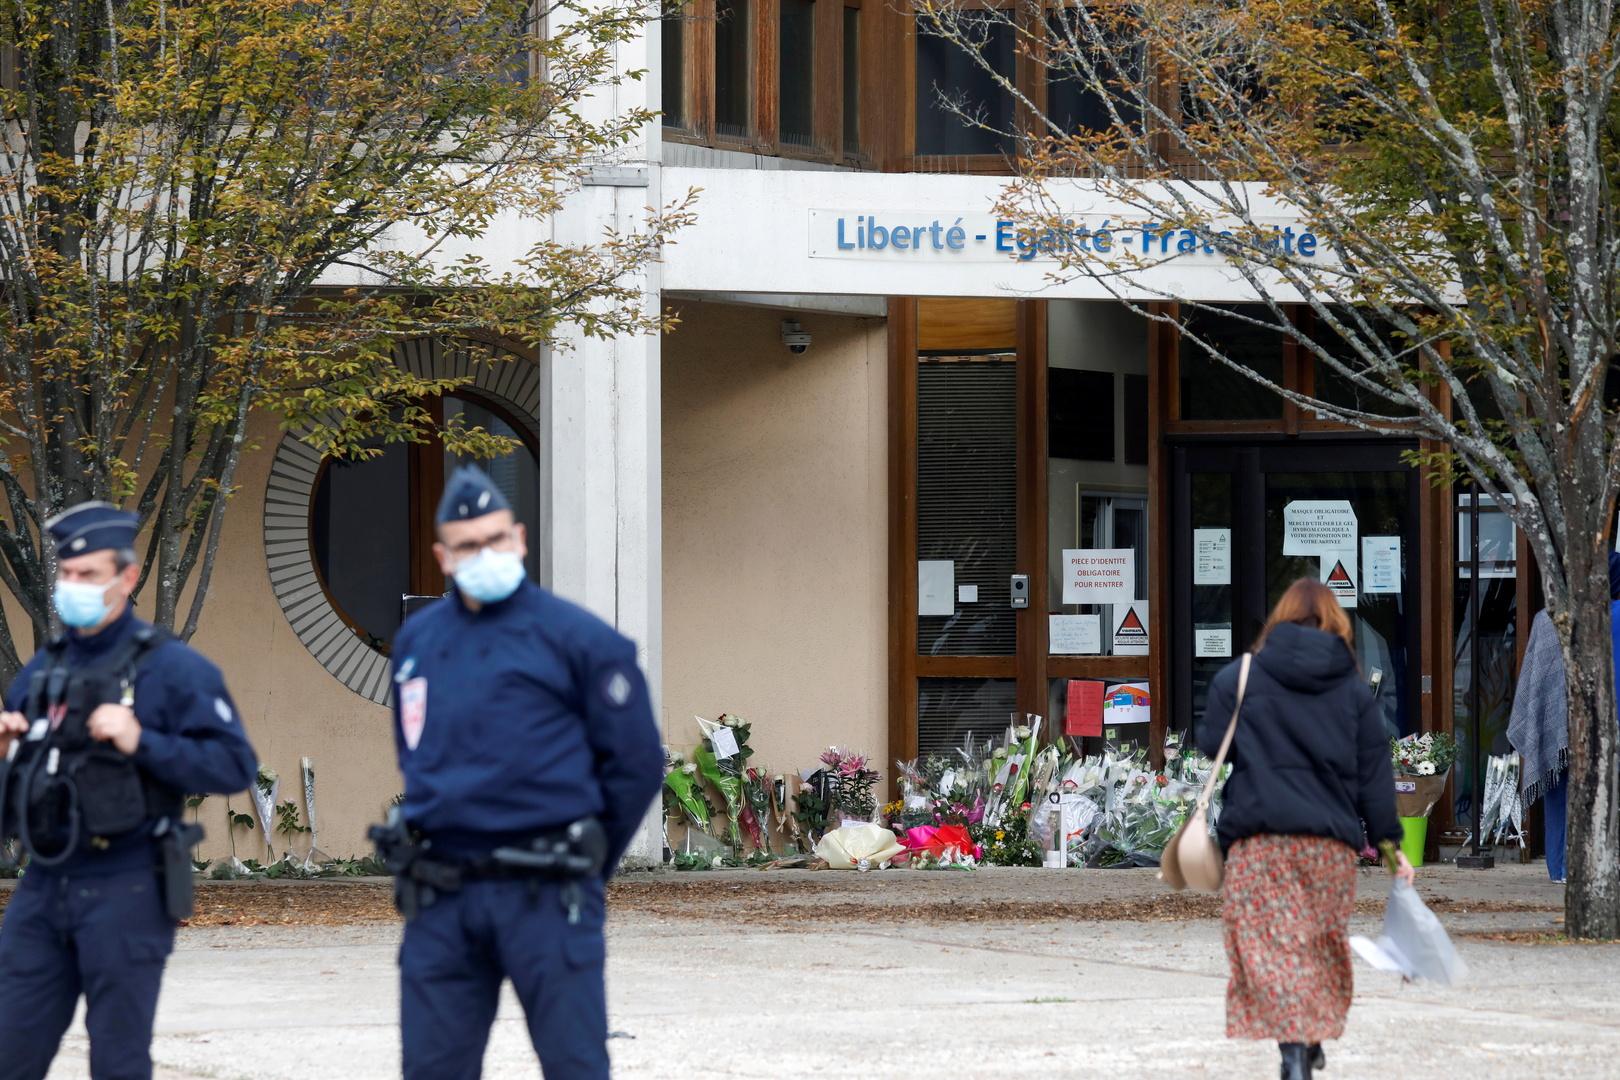 المدعي العام الفرنسي: أخت أحد الموقوفين في قضية قتل المدرس كانت عضوا في